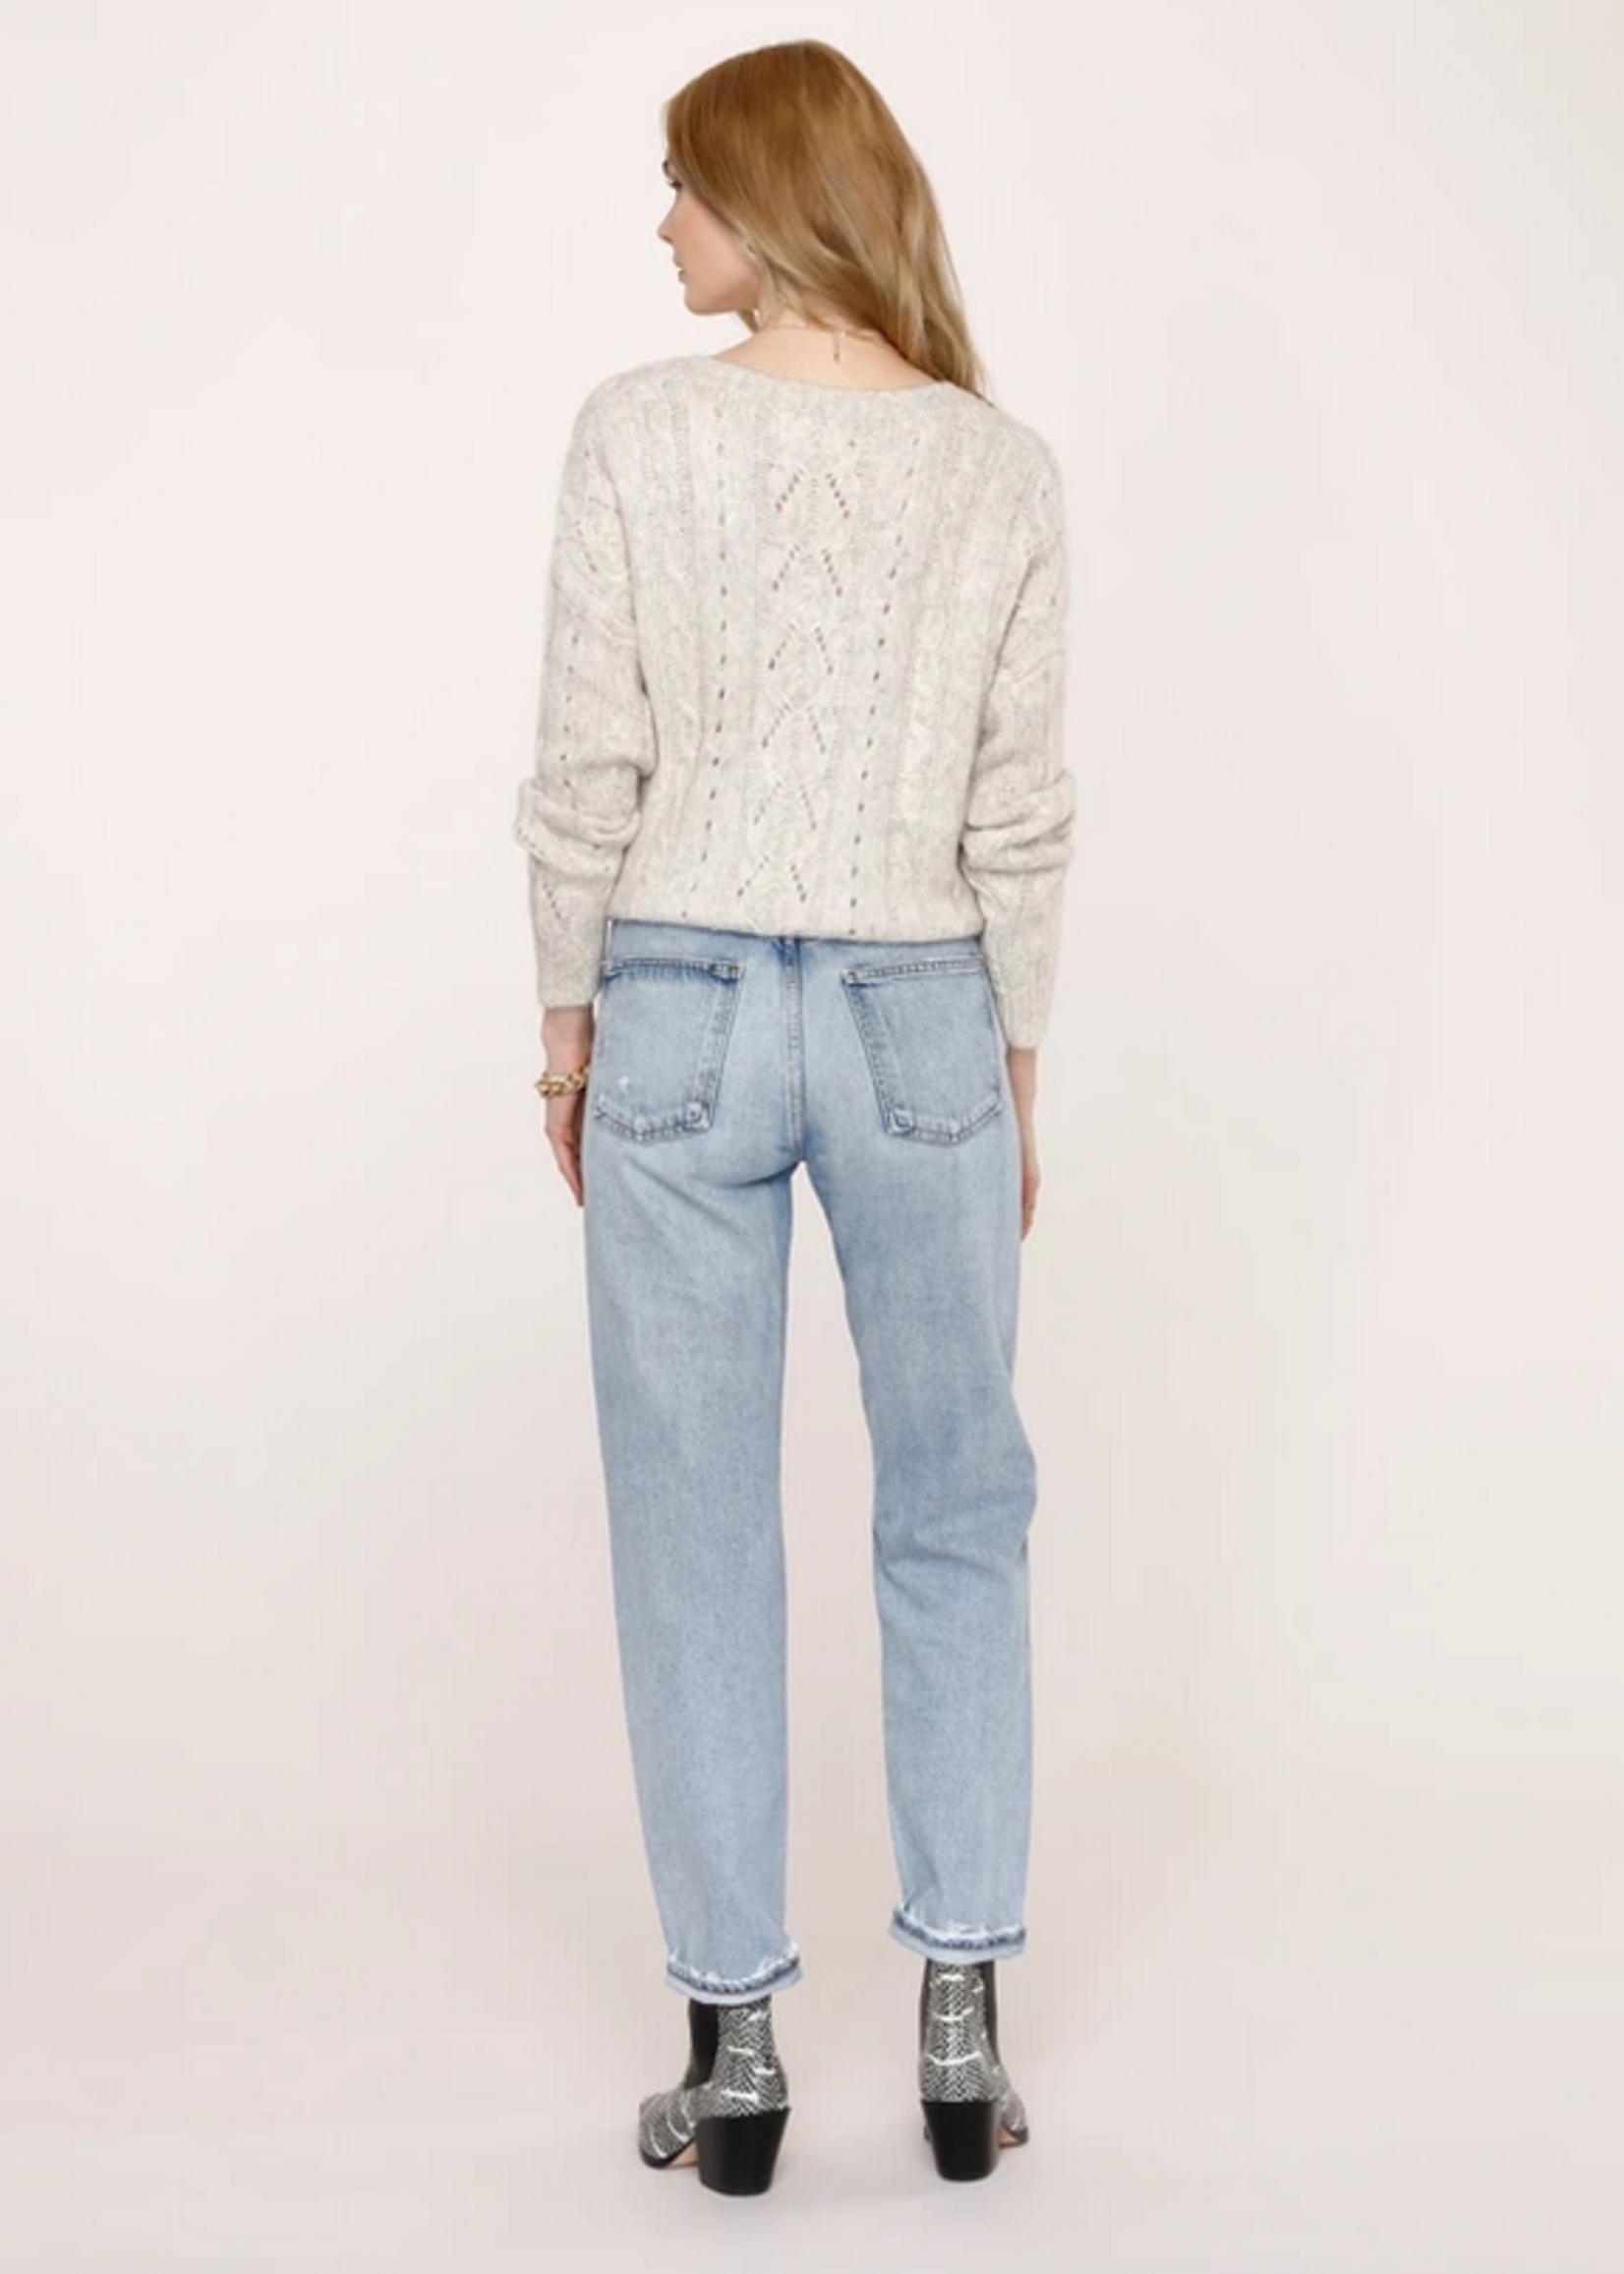 Elitaire Boutique Acadia Sweater